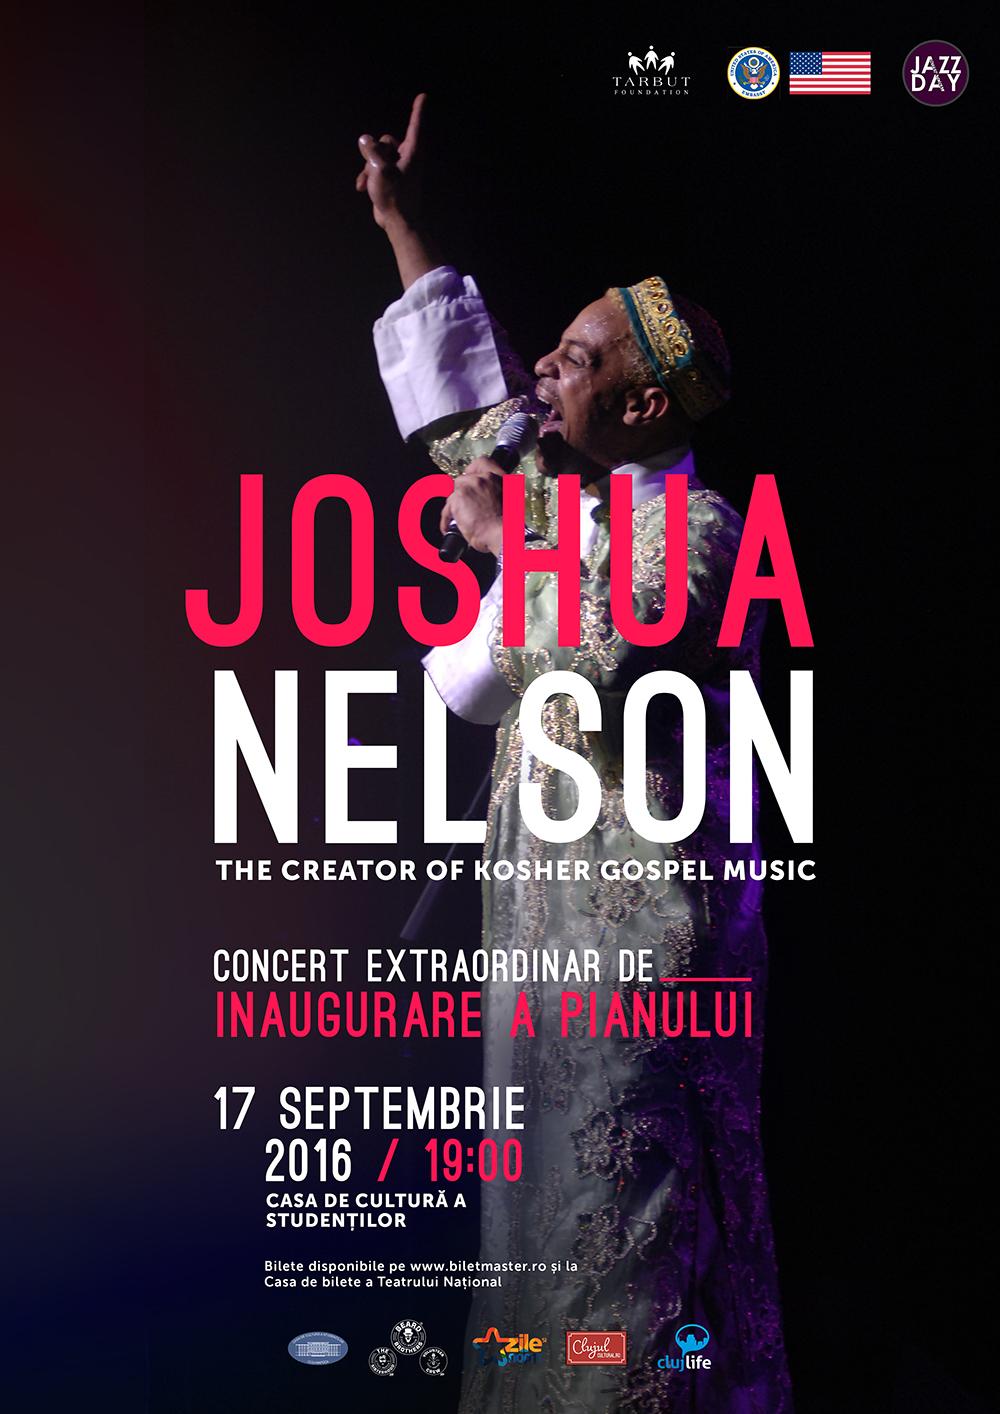 Joshua Nelson @ Casa de Cultură a Studenților